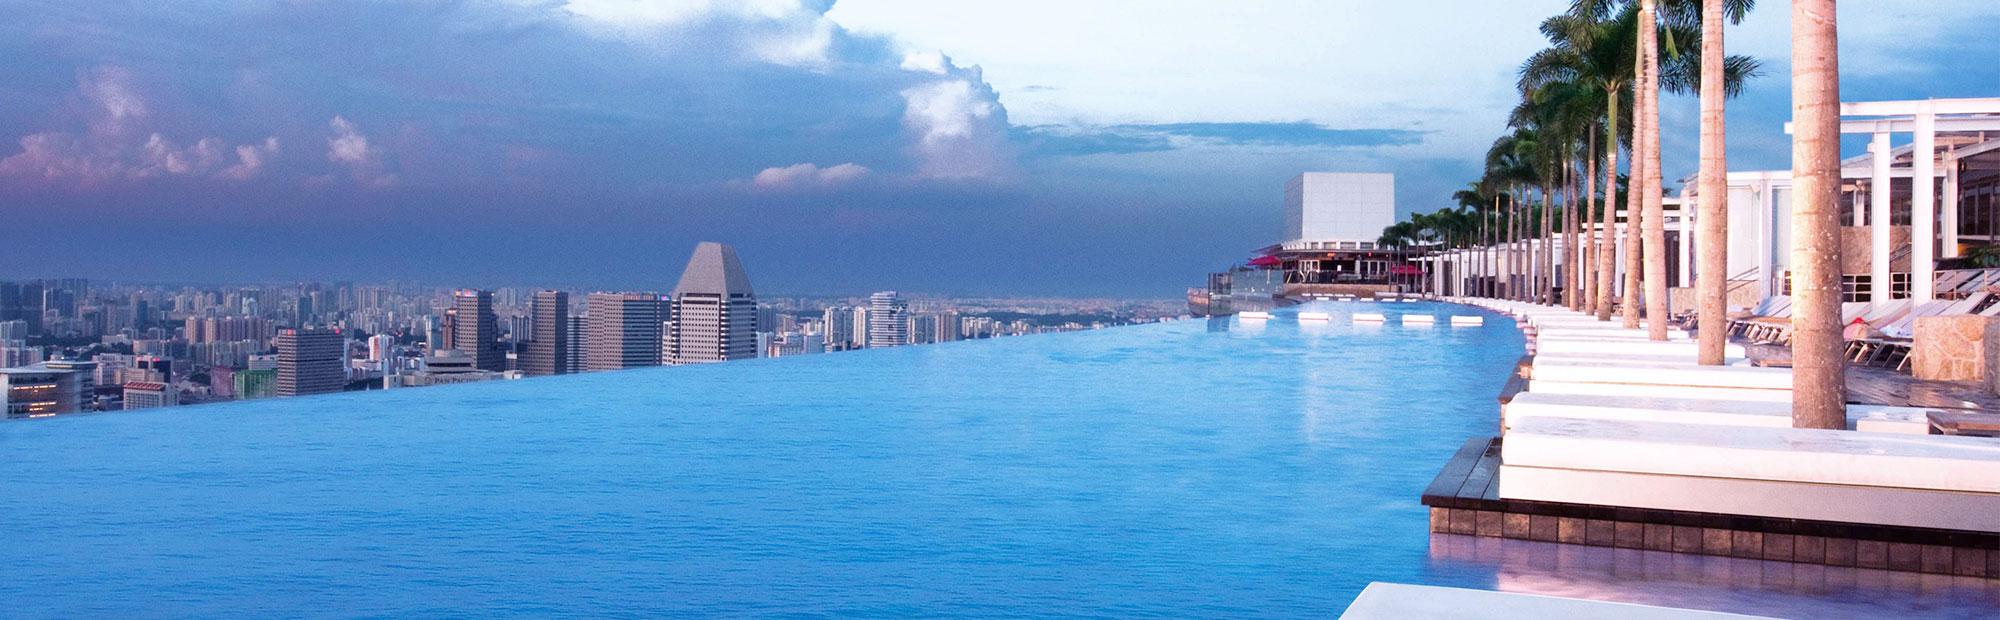 Top 13 des plus belles piscines du monde naturelles for Hotel singapour piscine